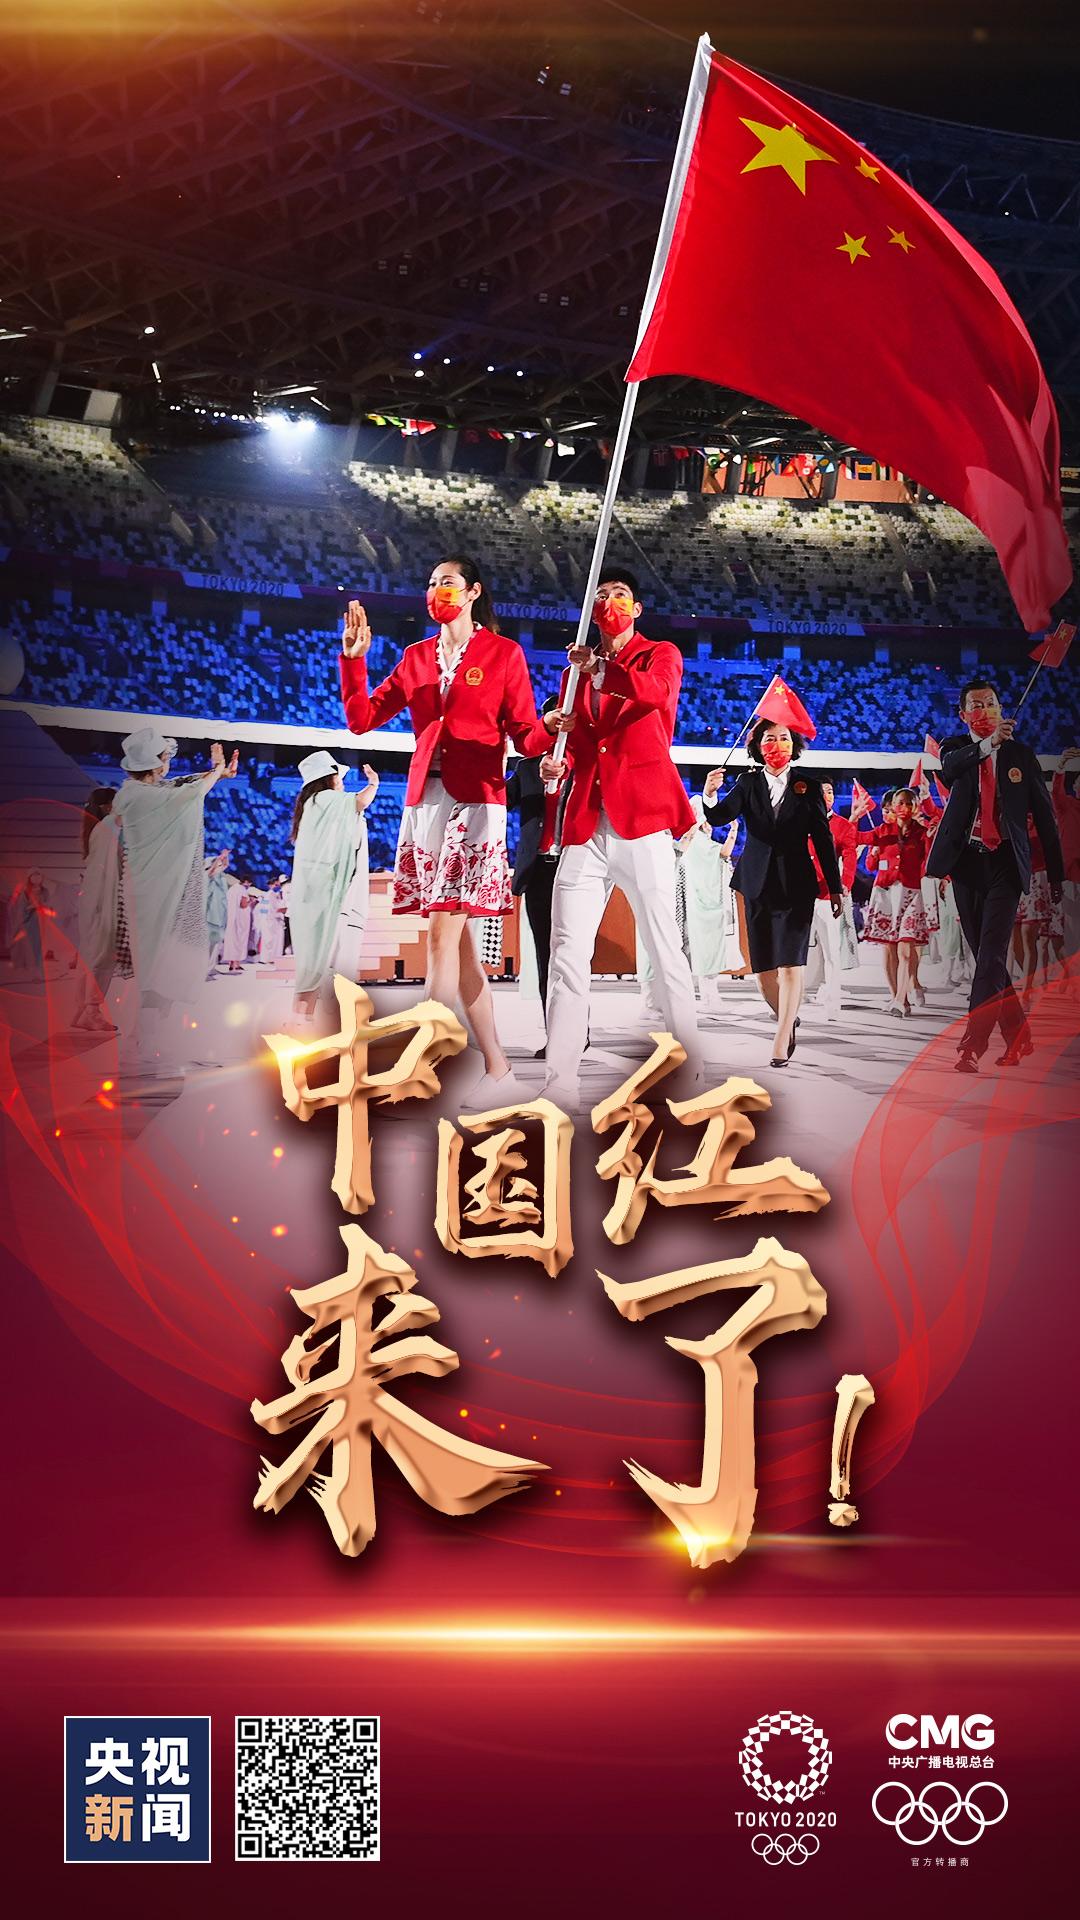 中国明星跳舞视频_李敖 胡因梦离婚